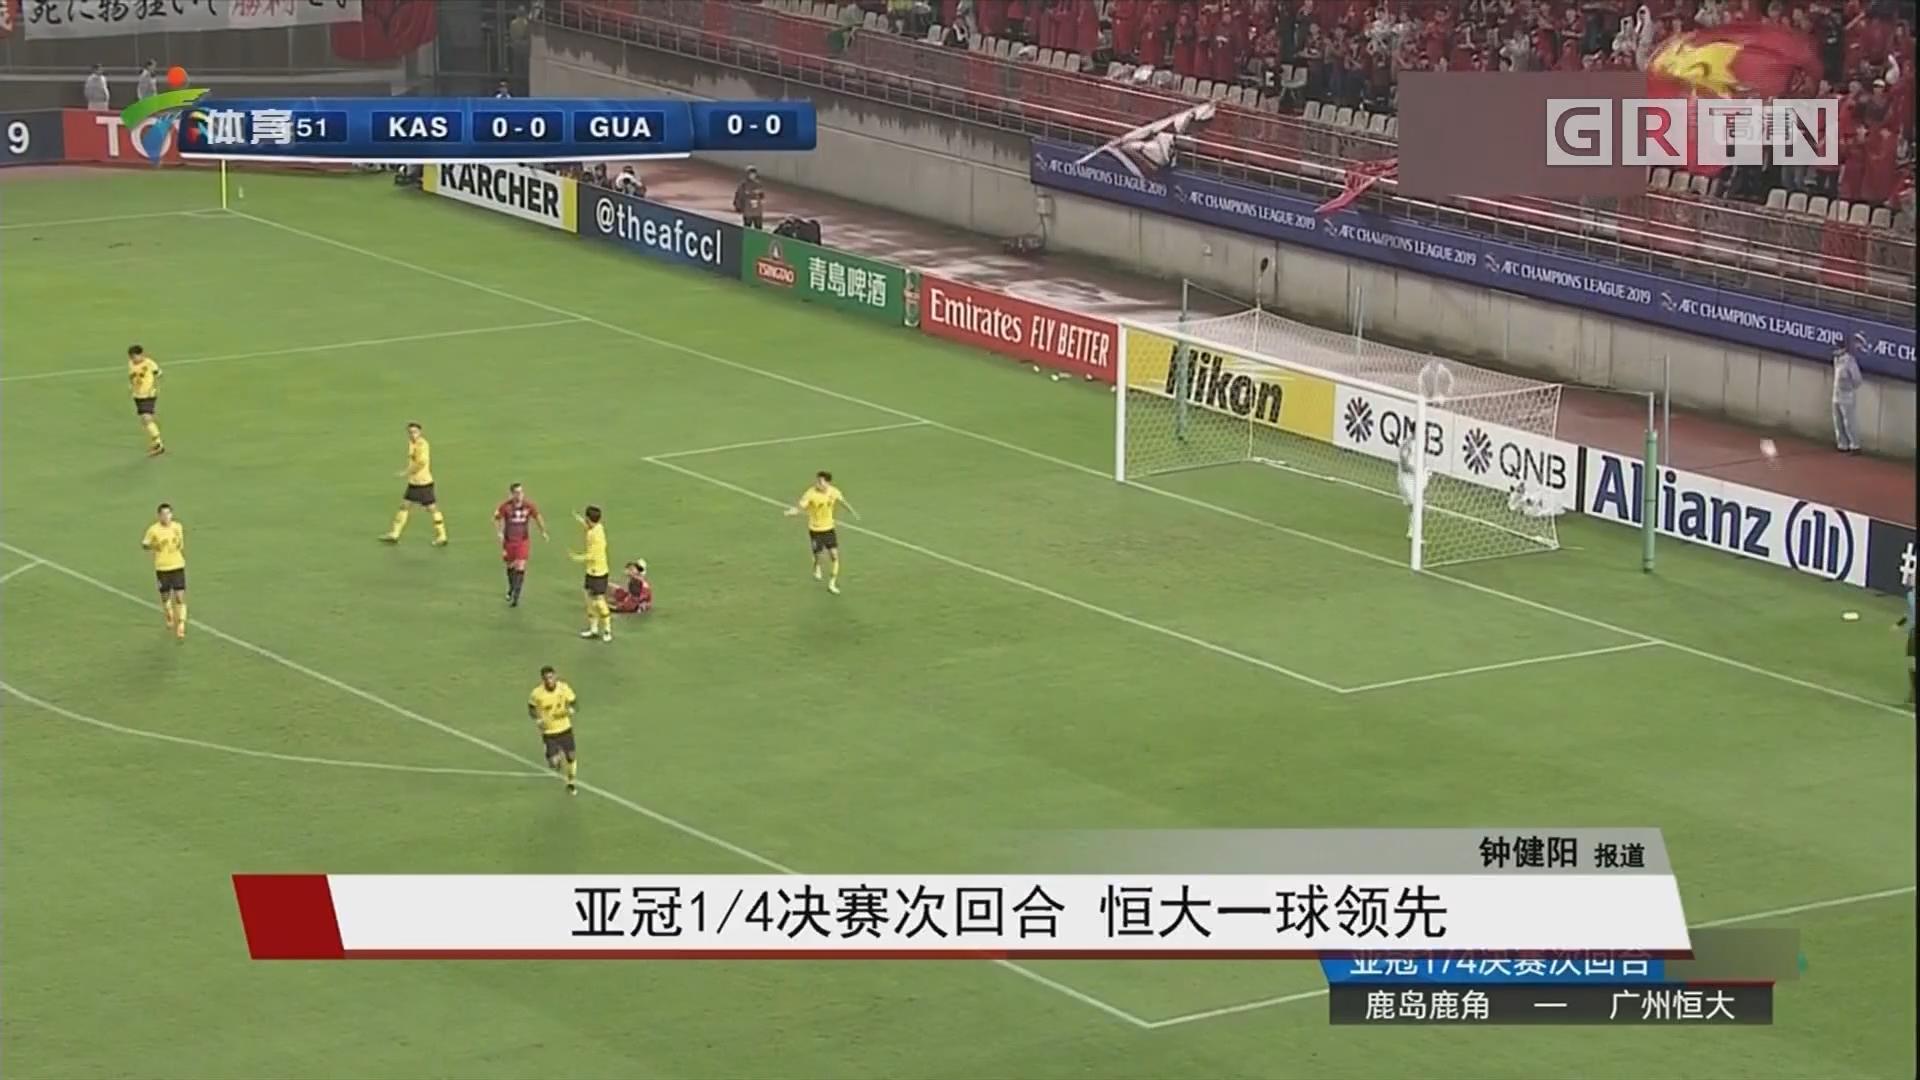 亚冠1/4决赛次回合 恒大一球领先